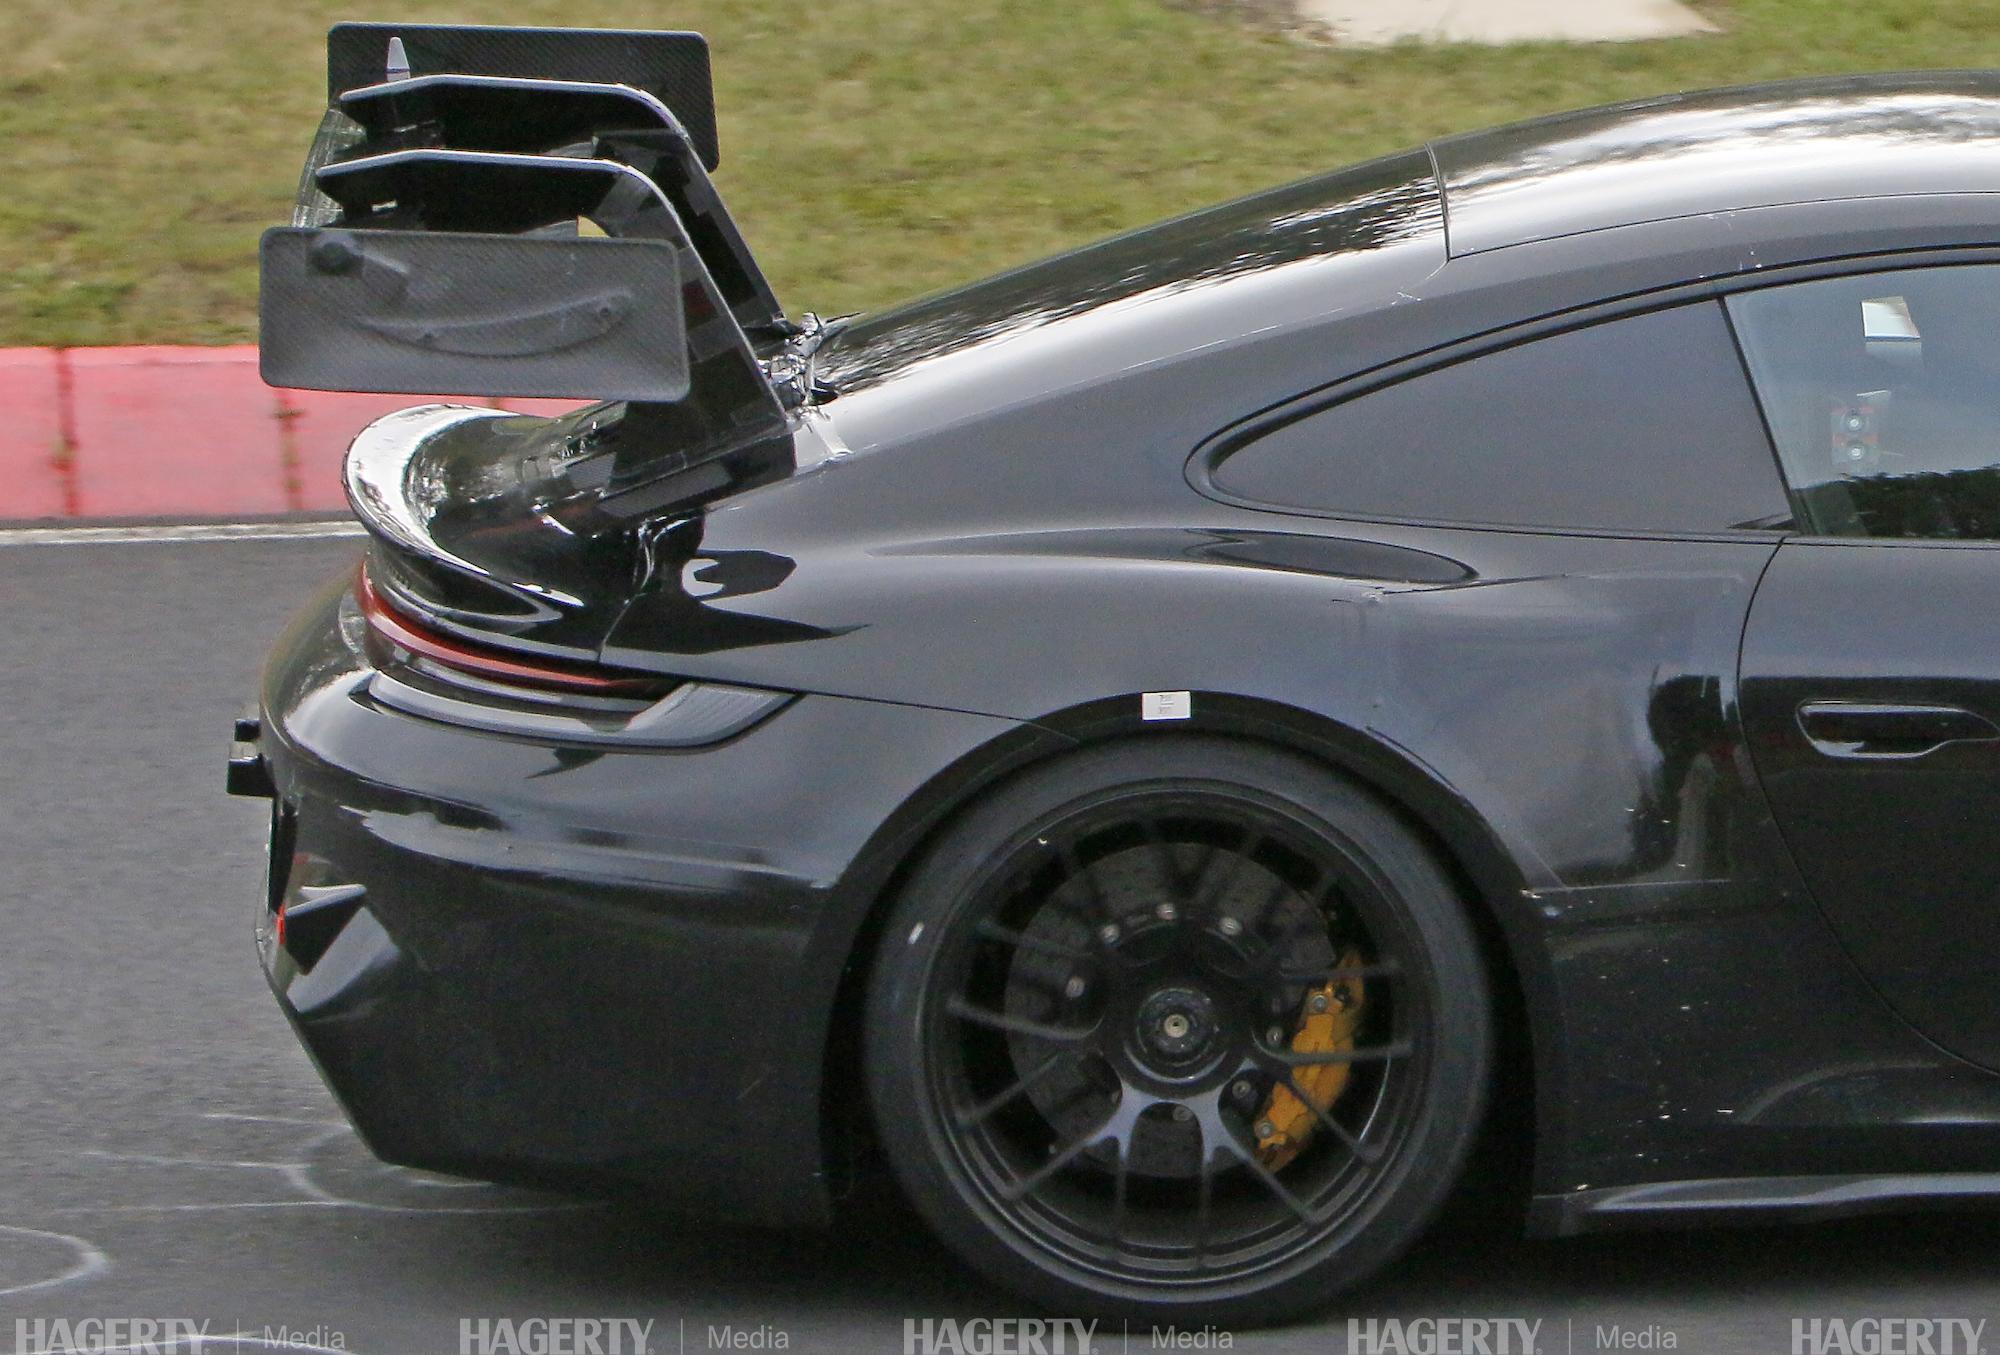 new porsche gt3 rs prototype rear quarter side profile close